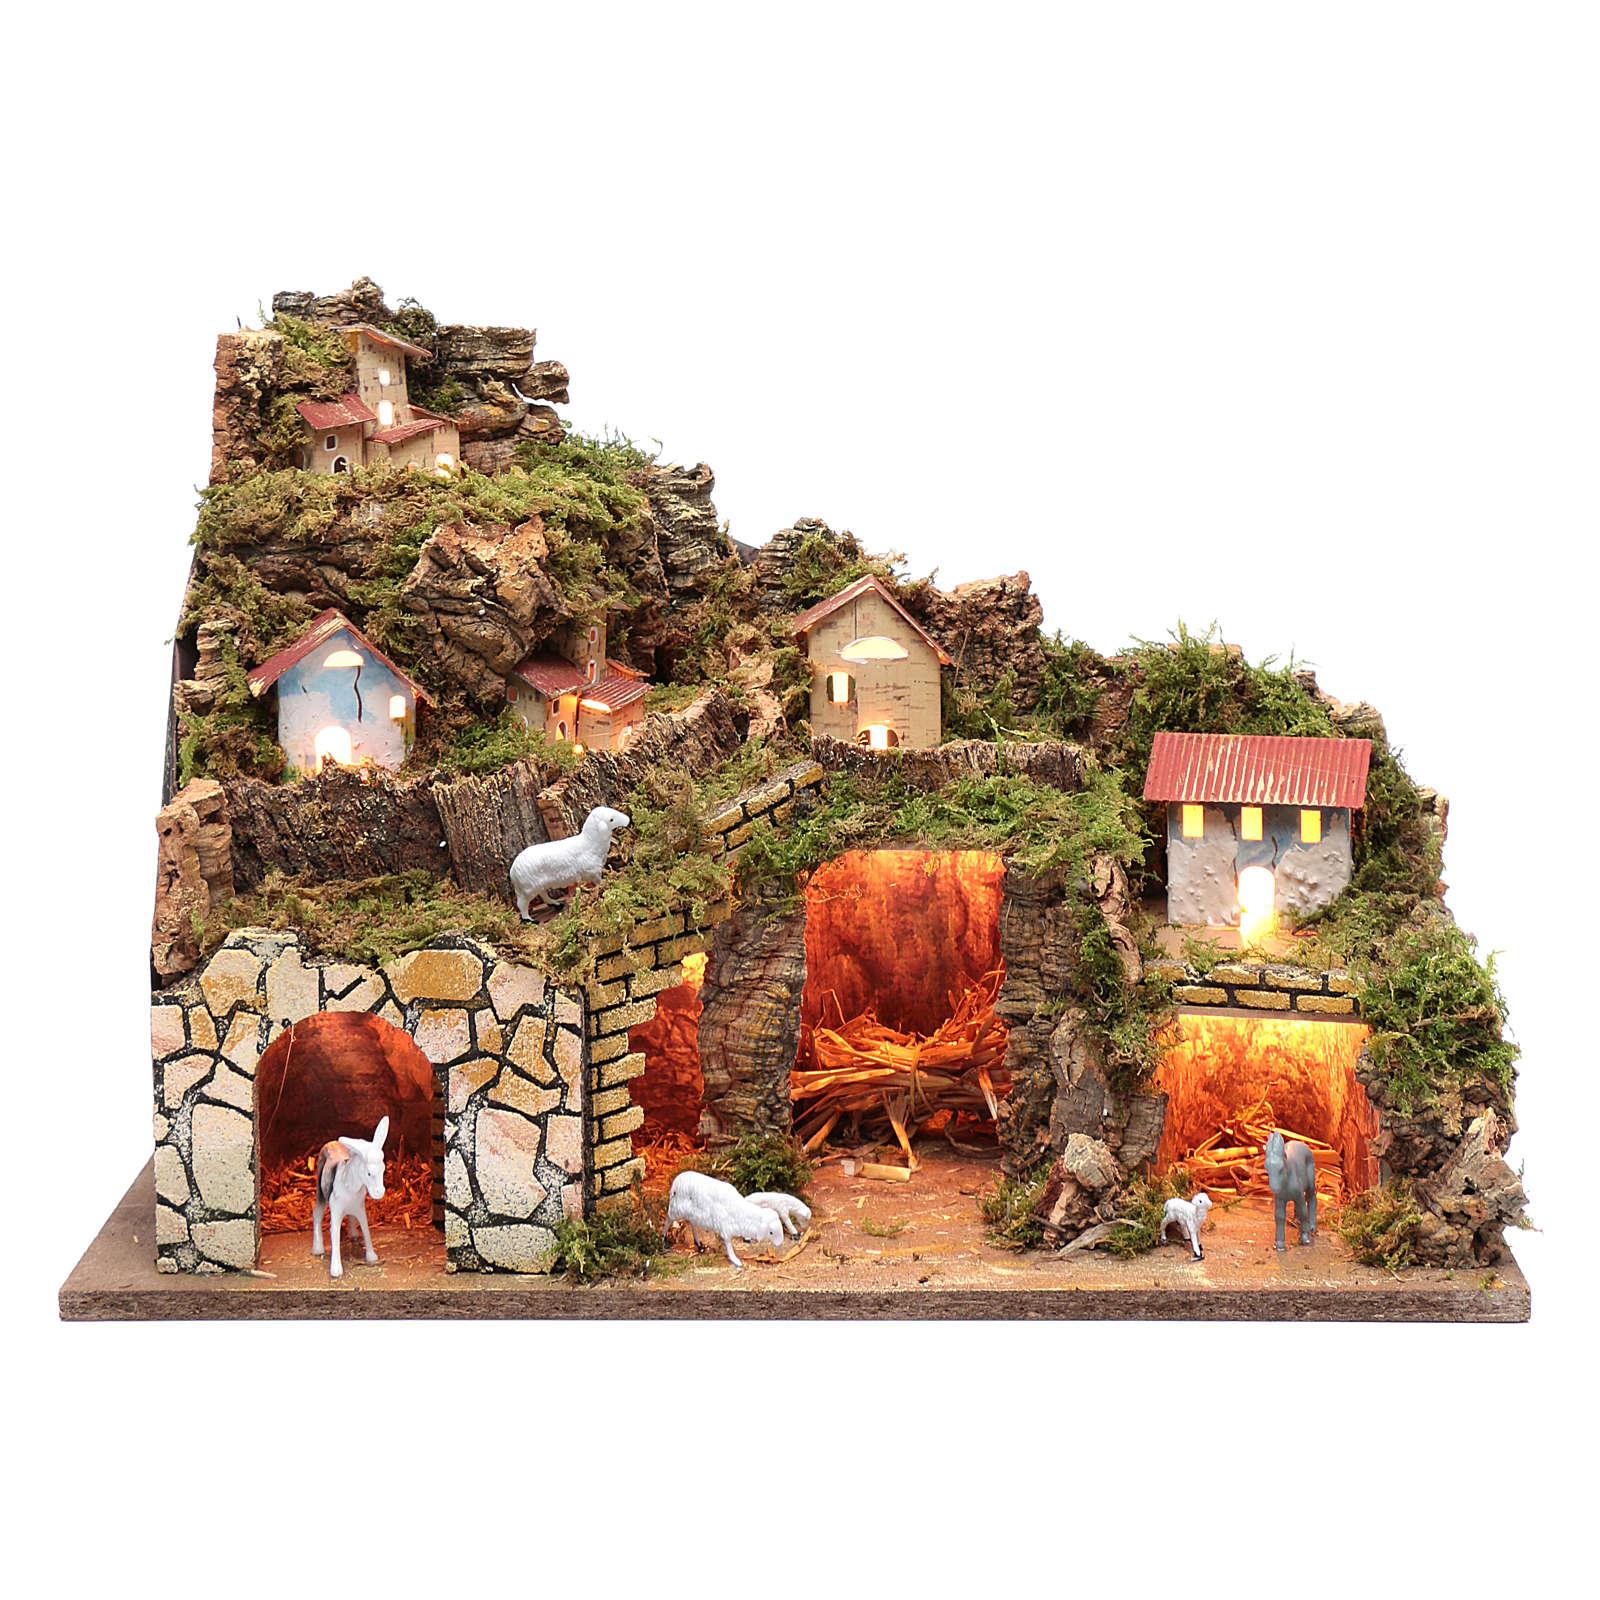 Ambientazione presepe casette e pecorelle con luci 35x50x25 cm 4